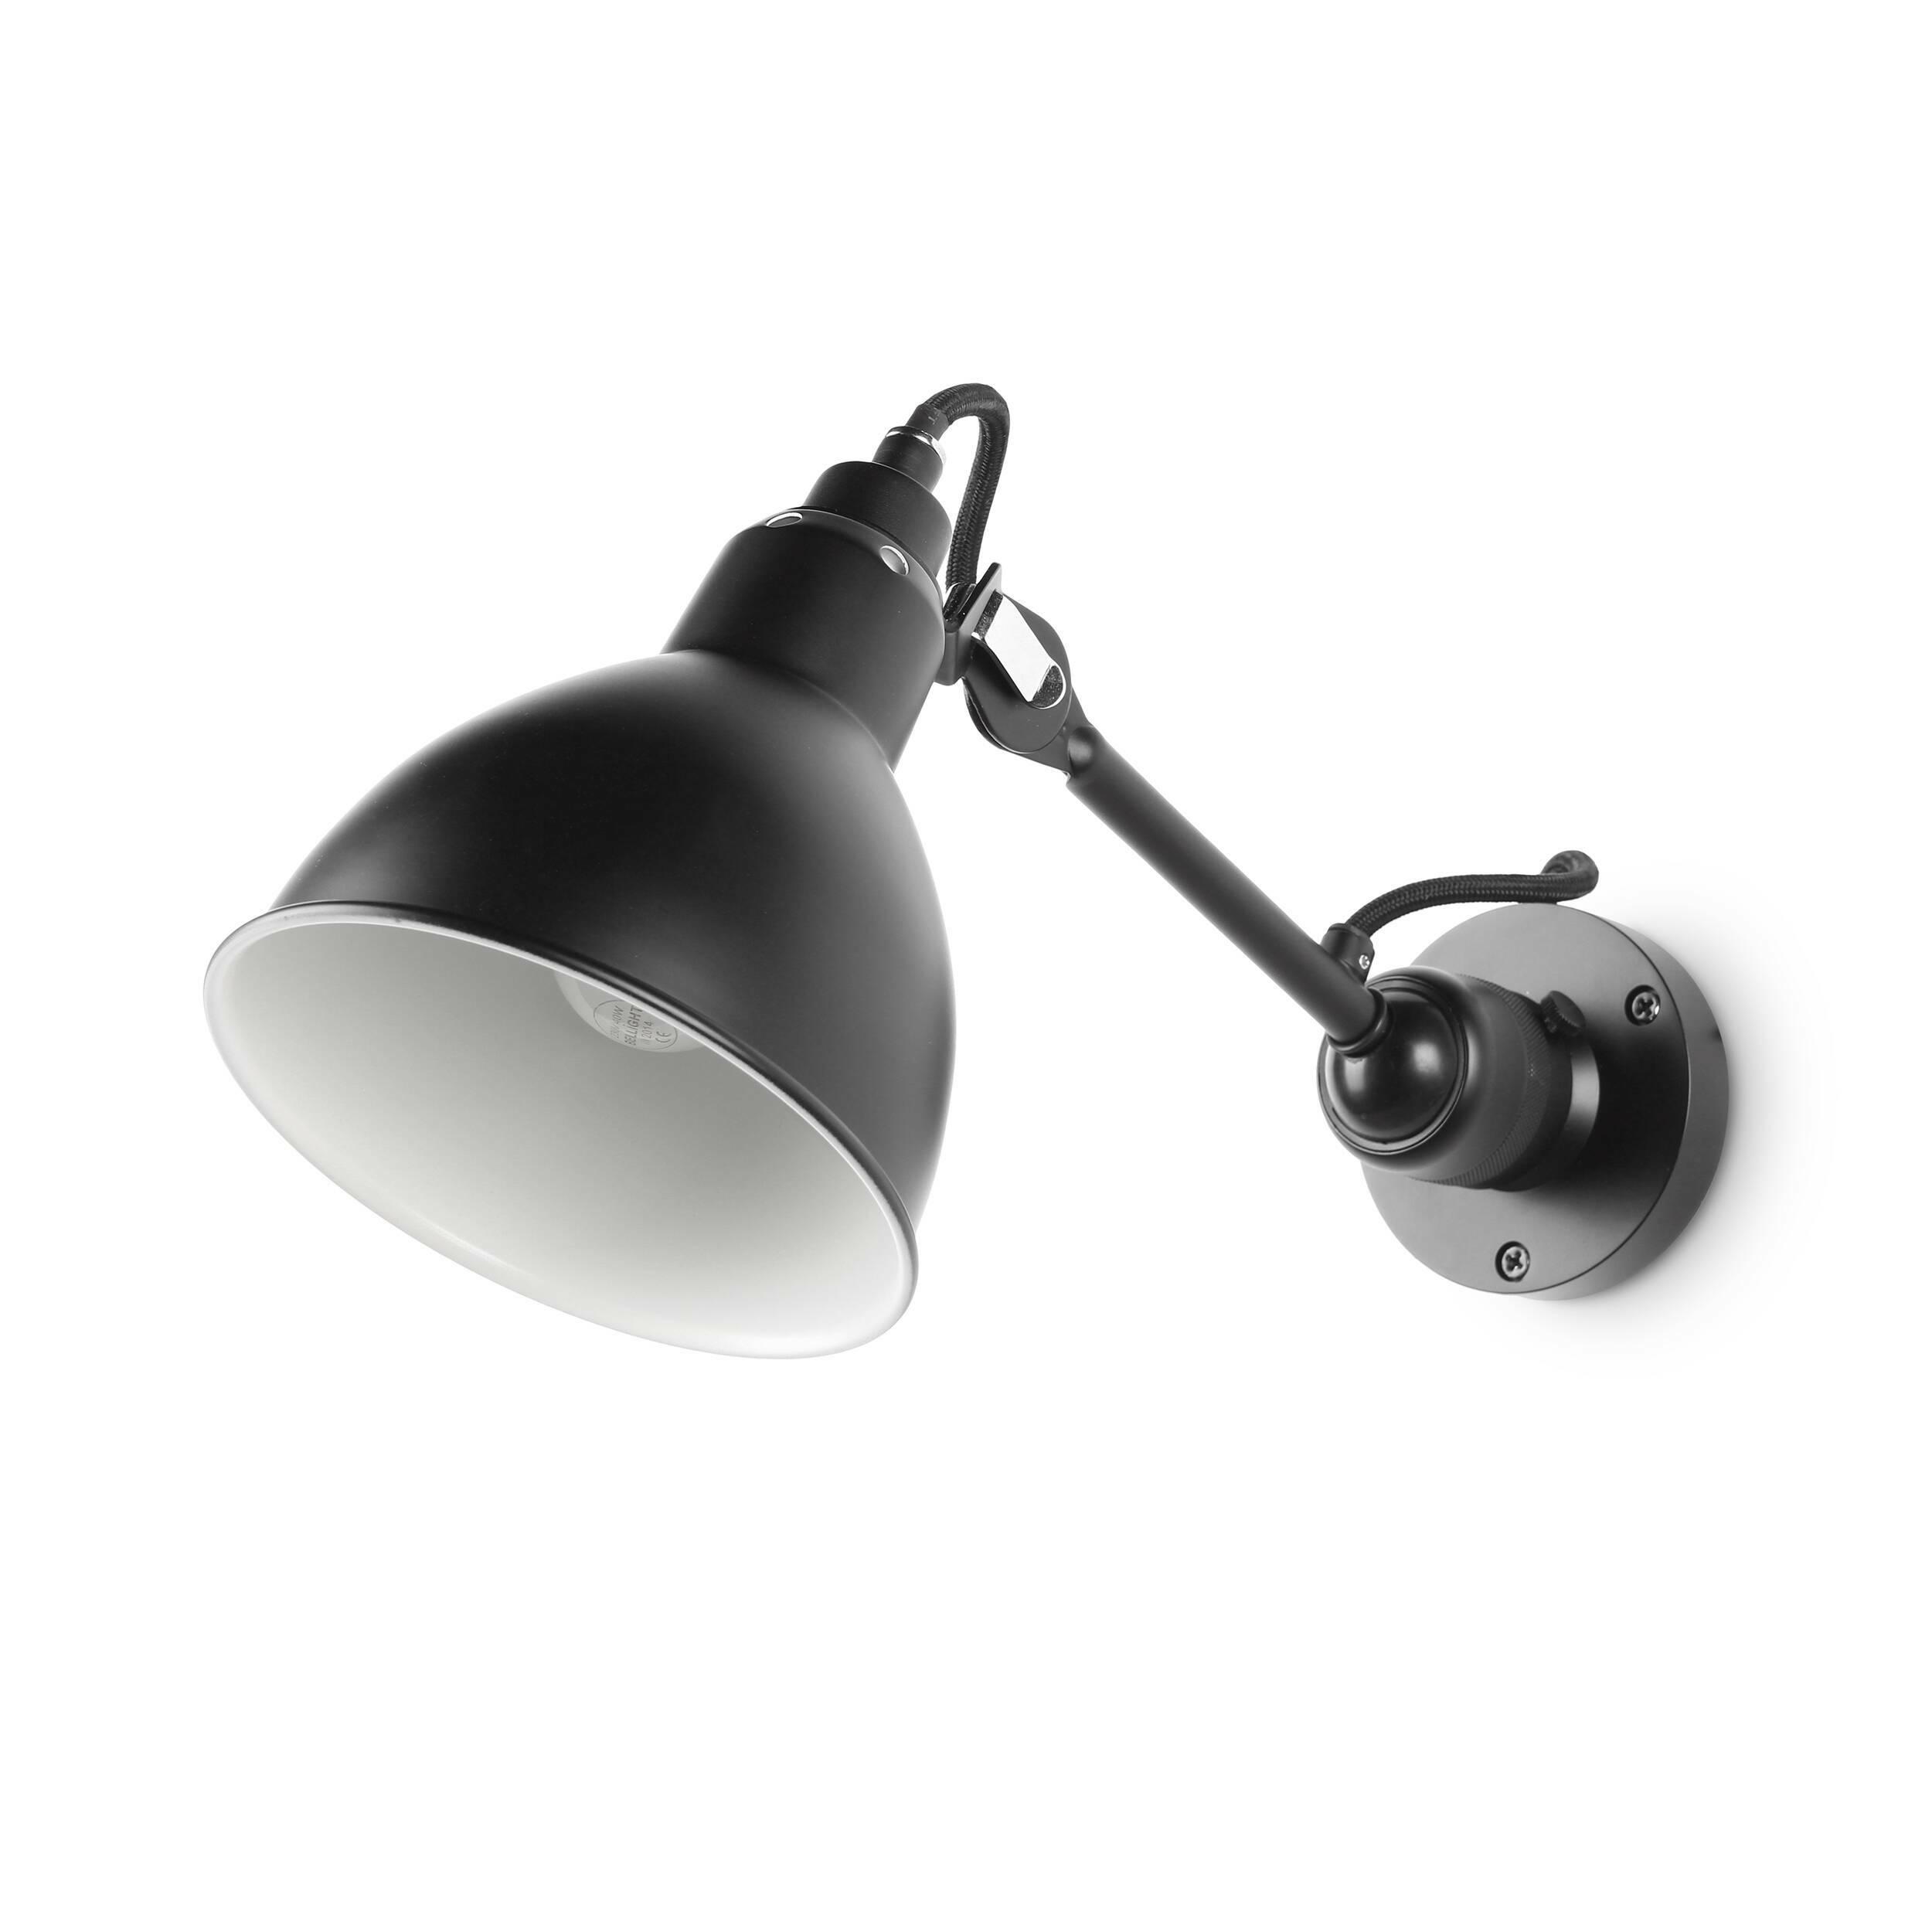 Настенный светильник Cosmo 15580954 от Cosmorelax